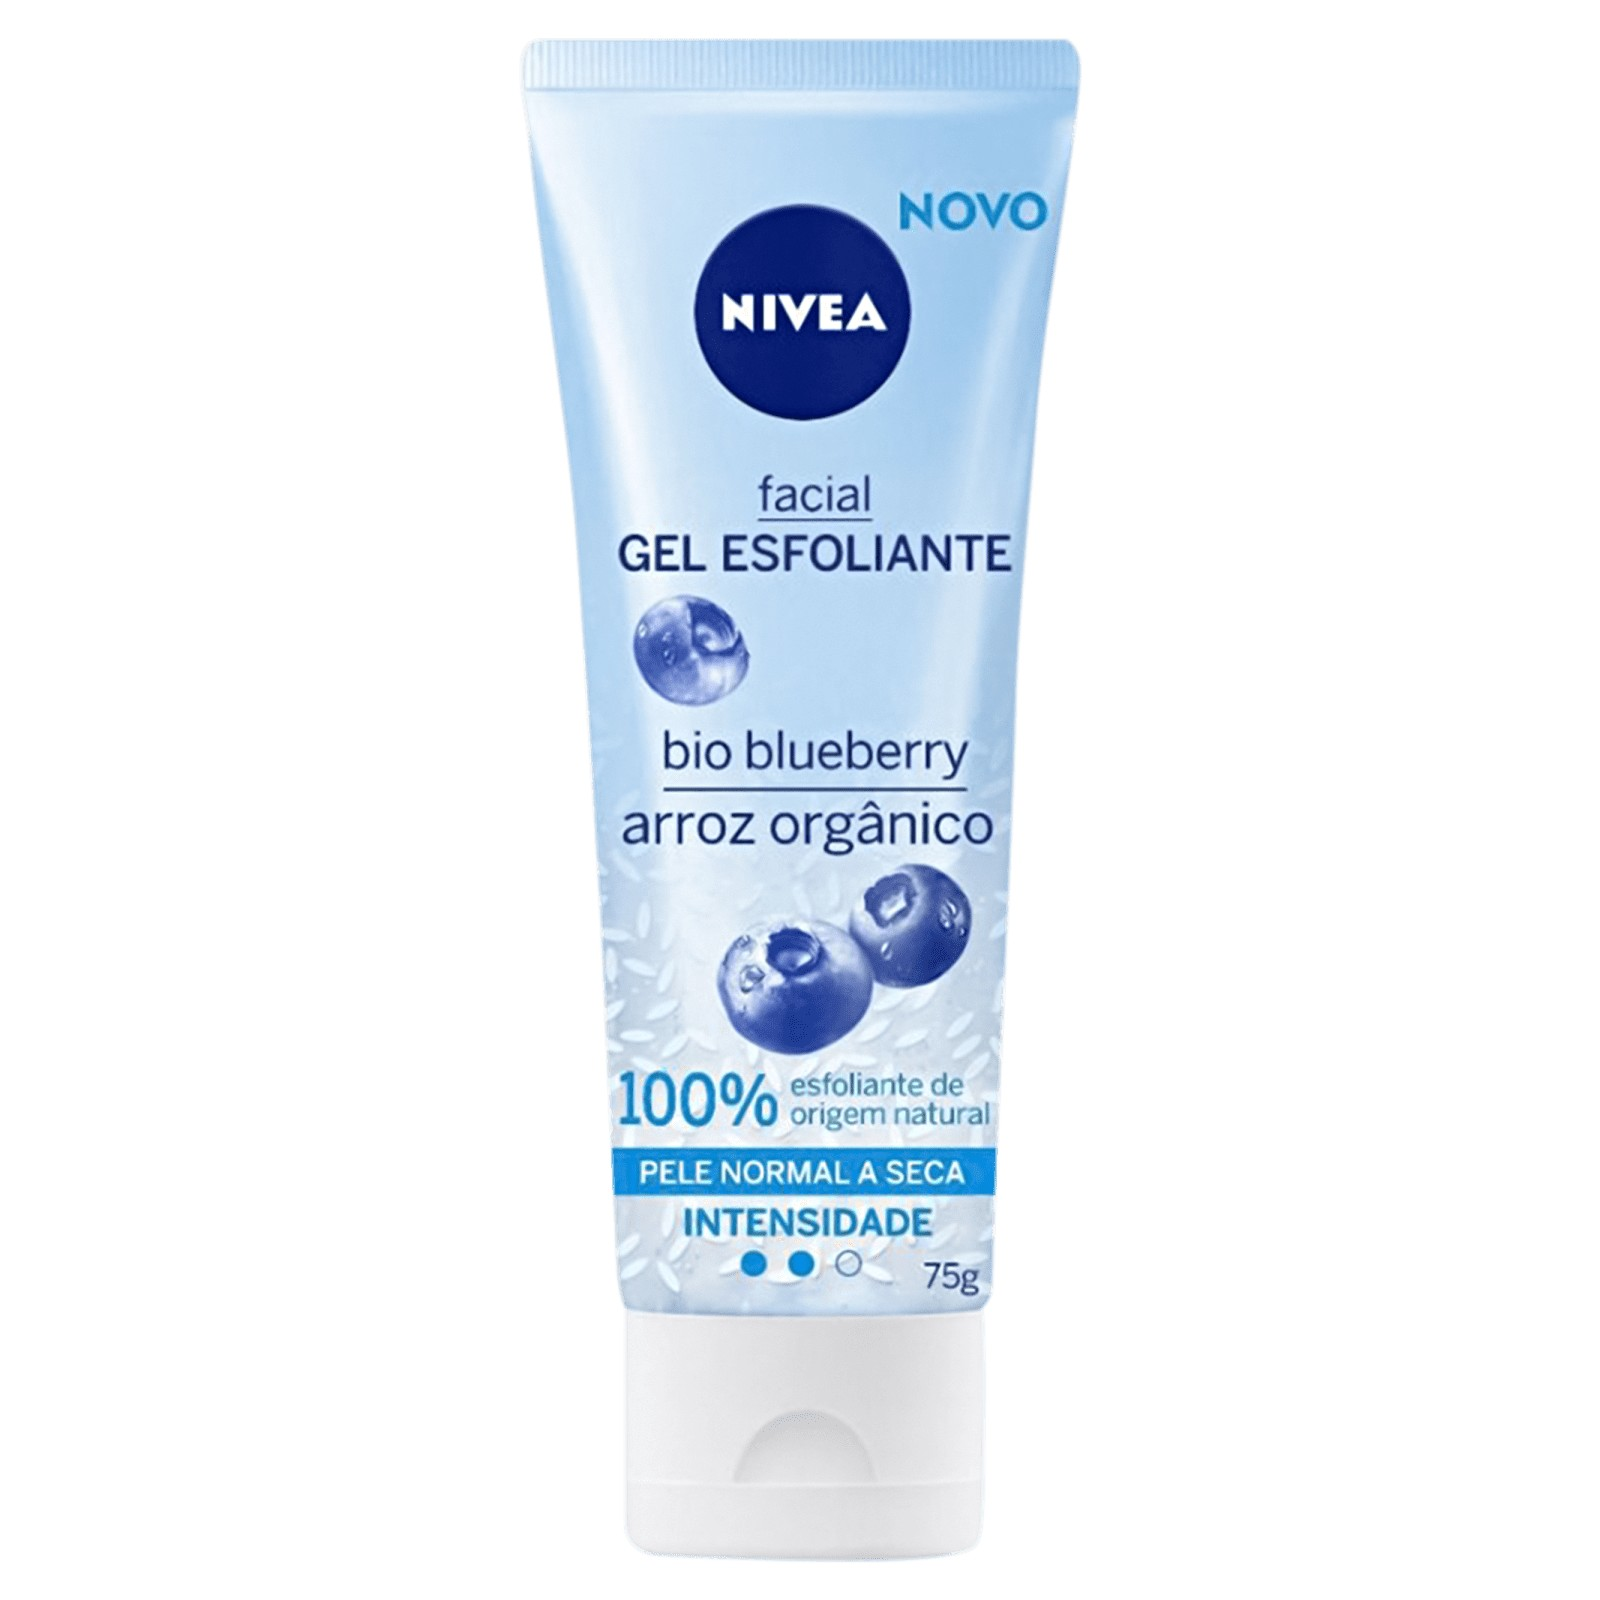 Gel esfoliante facial com bio blueberry e arroz orgânico Nivea